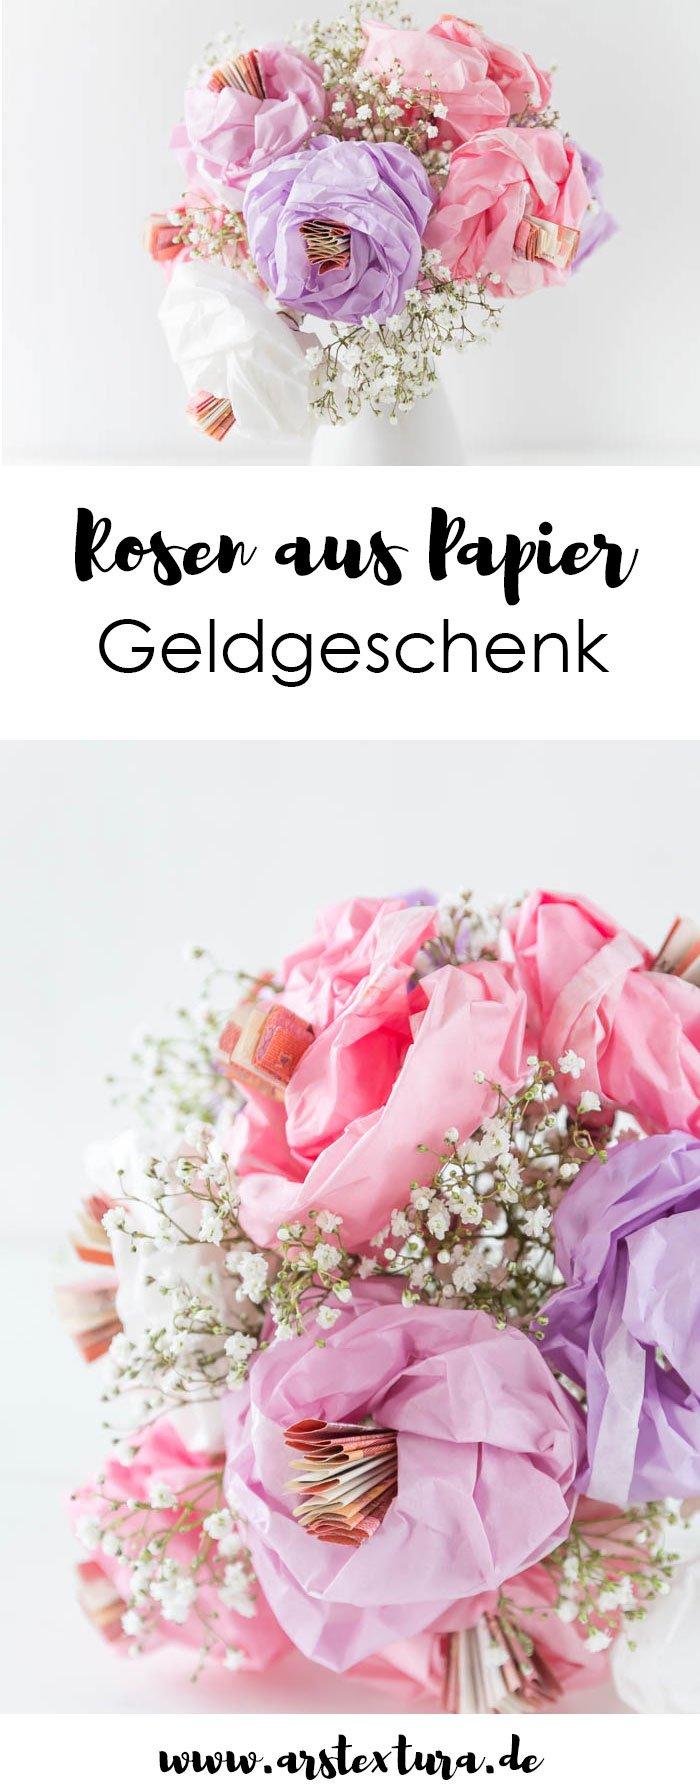 Geldgeschenk zur Hochzeit basteln - Geld verpacken als Blumen aus Papier und Geld - ein tolles DIY Geschenk zum Selbermachen - ars textura - DIY-Blog und DIY Ideen